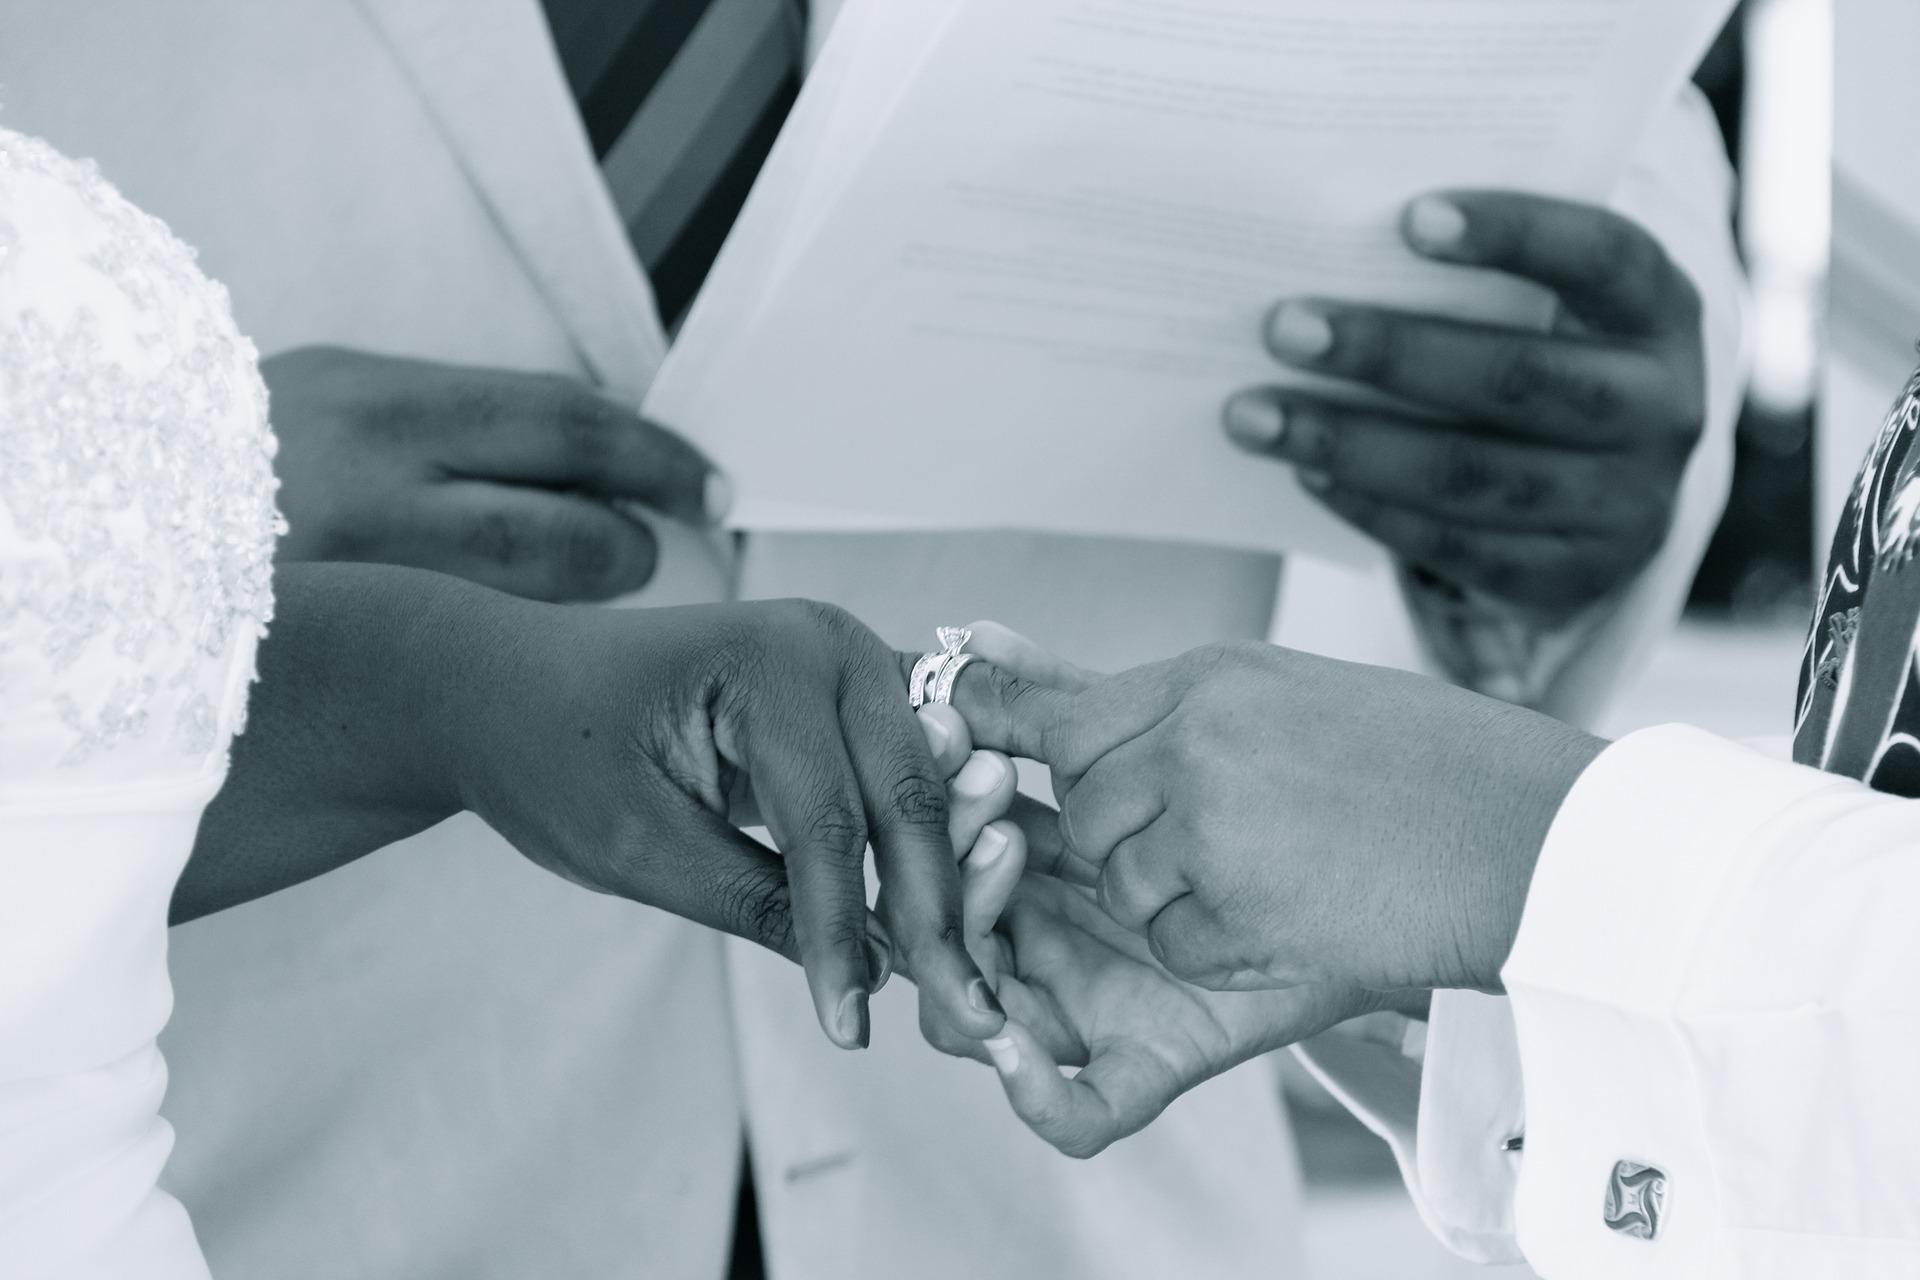 La Cour interaméricaine des droits de l'homme (CIDH) a exhorté les États membres de la Convention à modifier leur législation pour faire adopter le mariage pour tousPhoto: Richkat